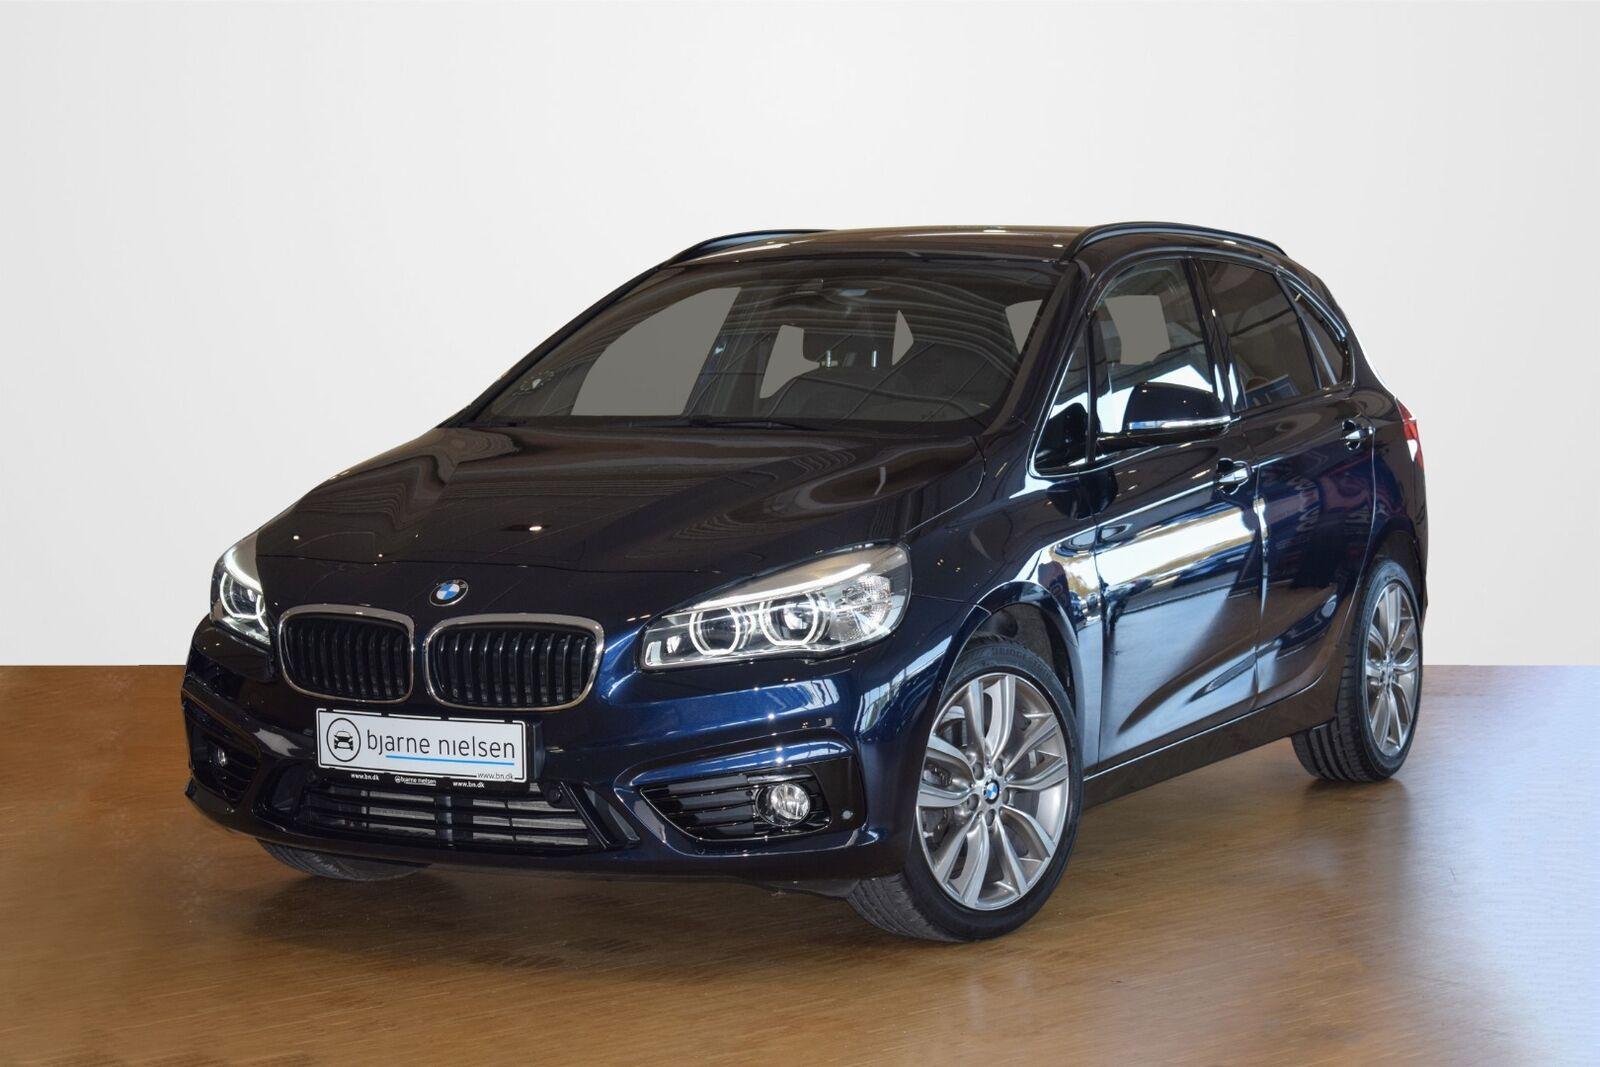 BMW 218d 2,0 Active Tourer Sport Line aut. 5d - 269.000 kr.